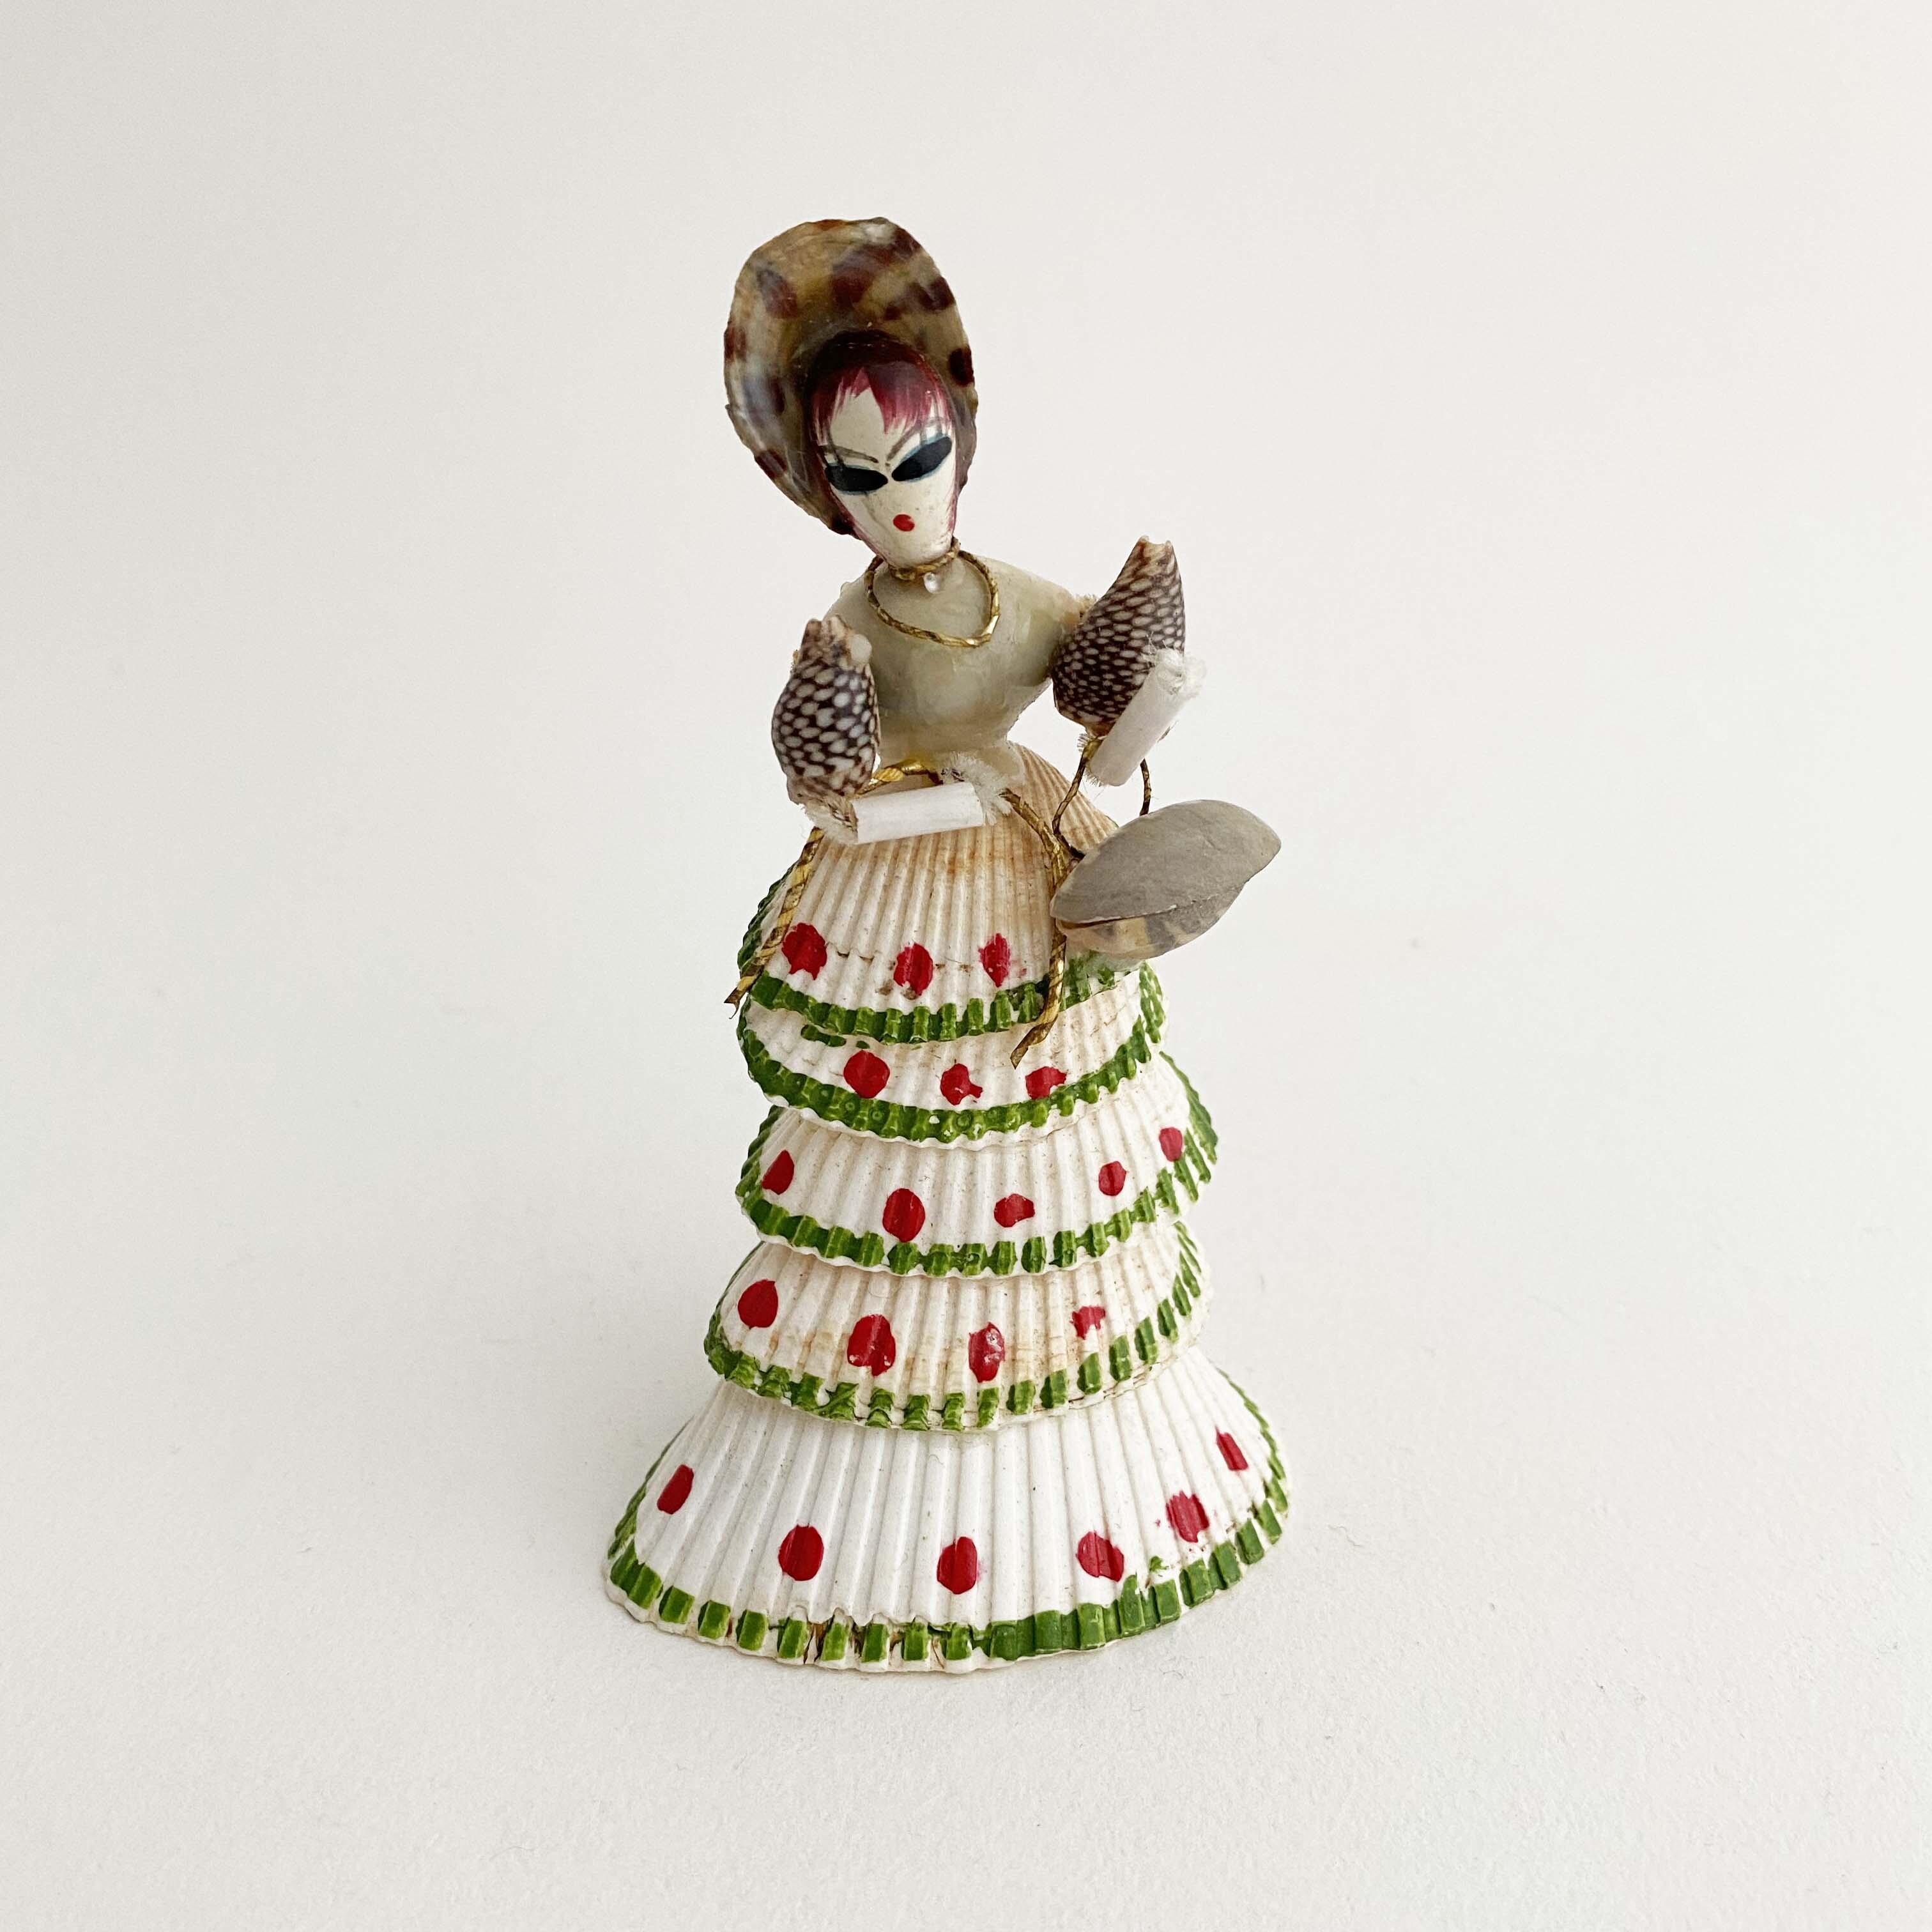 デッドストック昭和 貝人形お嬢さん(サルボウ貝)